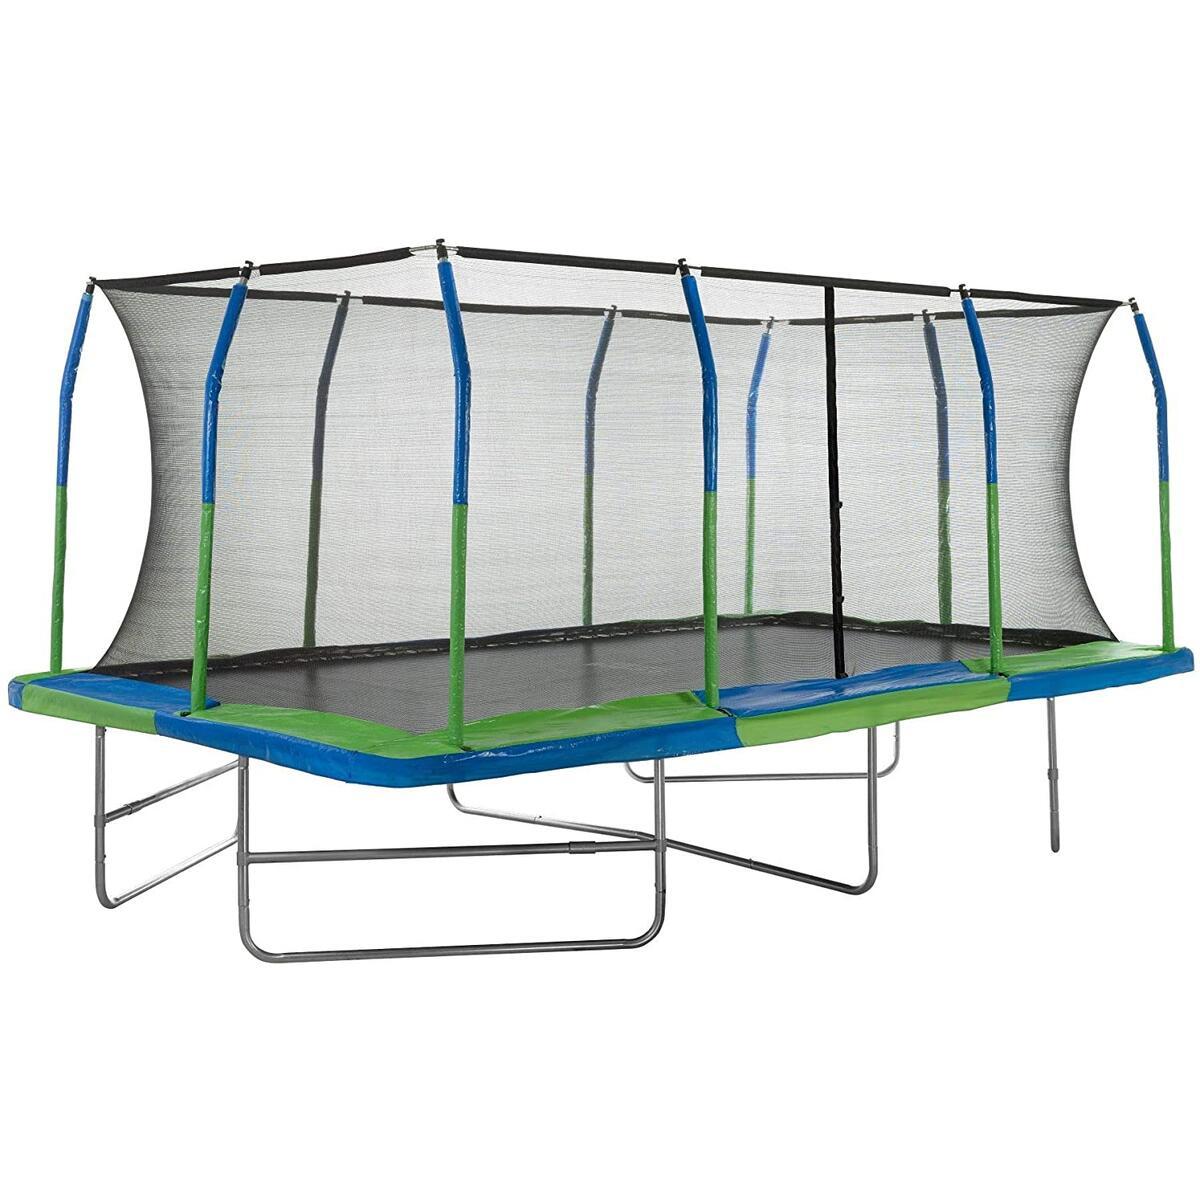 Mega Outdoor Trampoline with Fiber Flex Enclosure System, Big Trampoline for Kids,Great Exercise Rectangular Adult Trampoline